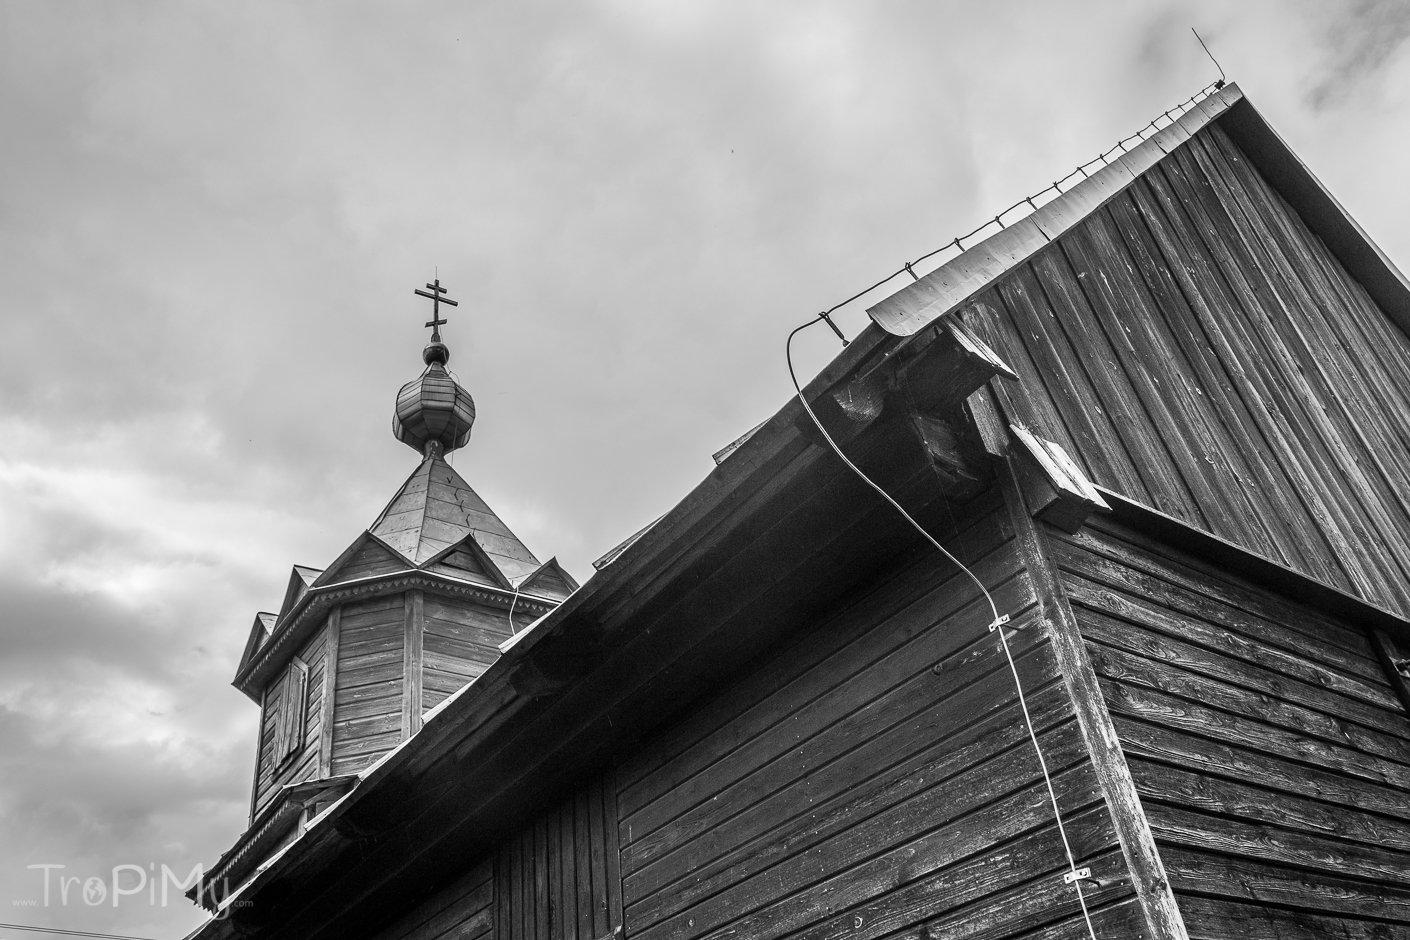 Molenna w Wodziłkach